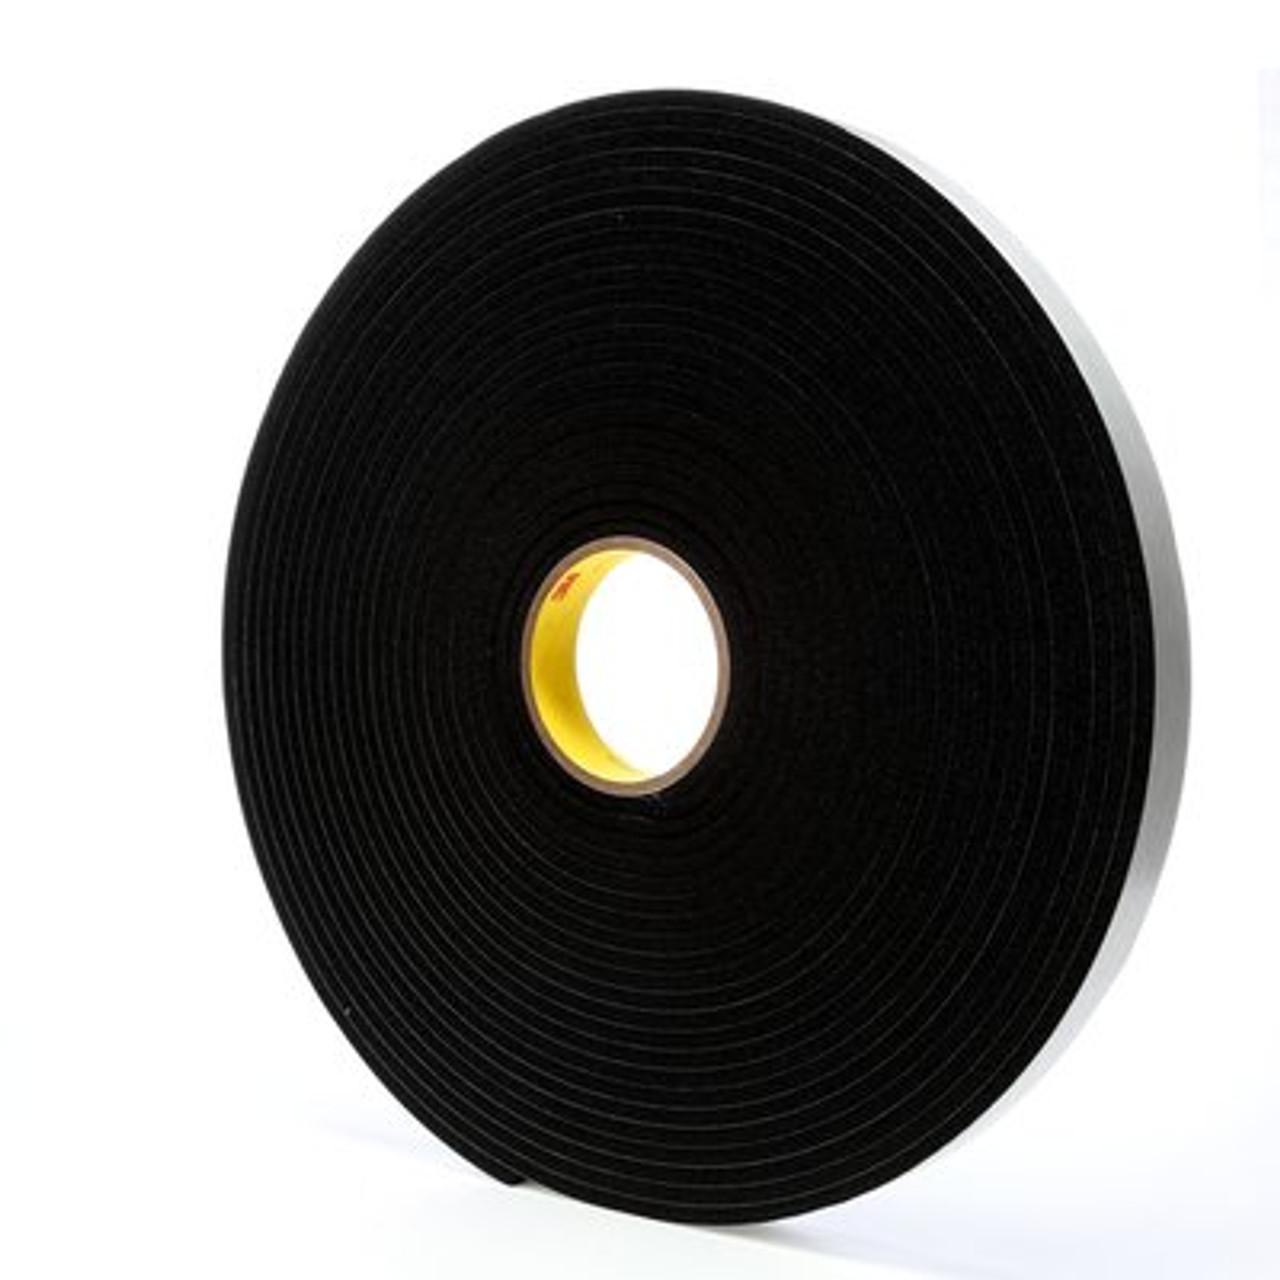 3M™ Vinyl Foam Tape 4504 Black, 1 in x 18 yd